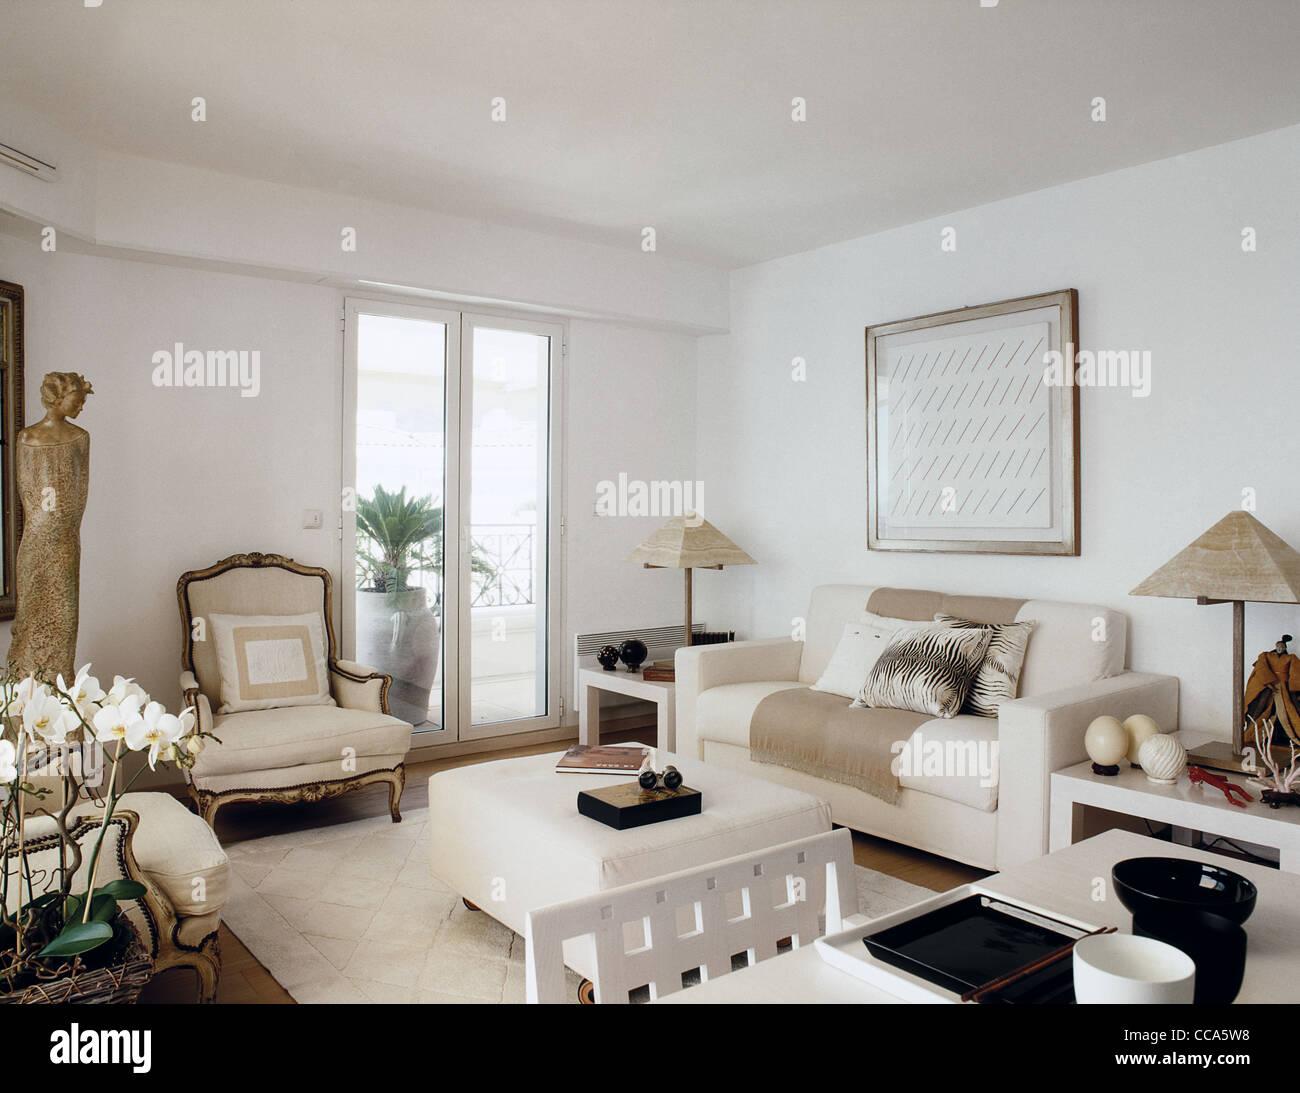 klassische mobel fur ein wohnzimmer mit weissen mobeln